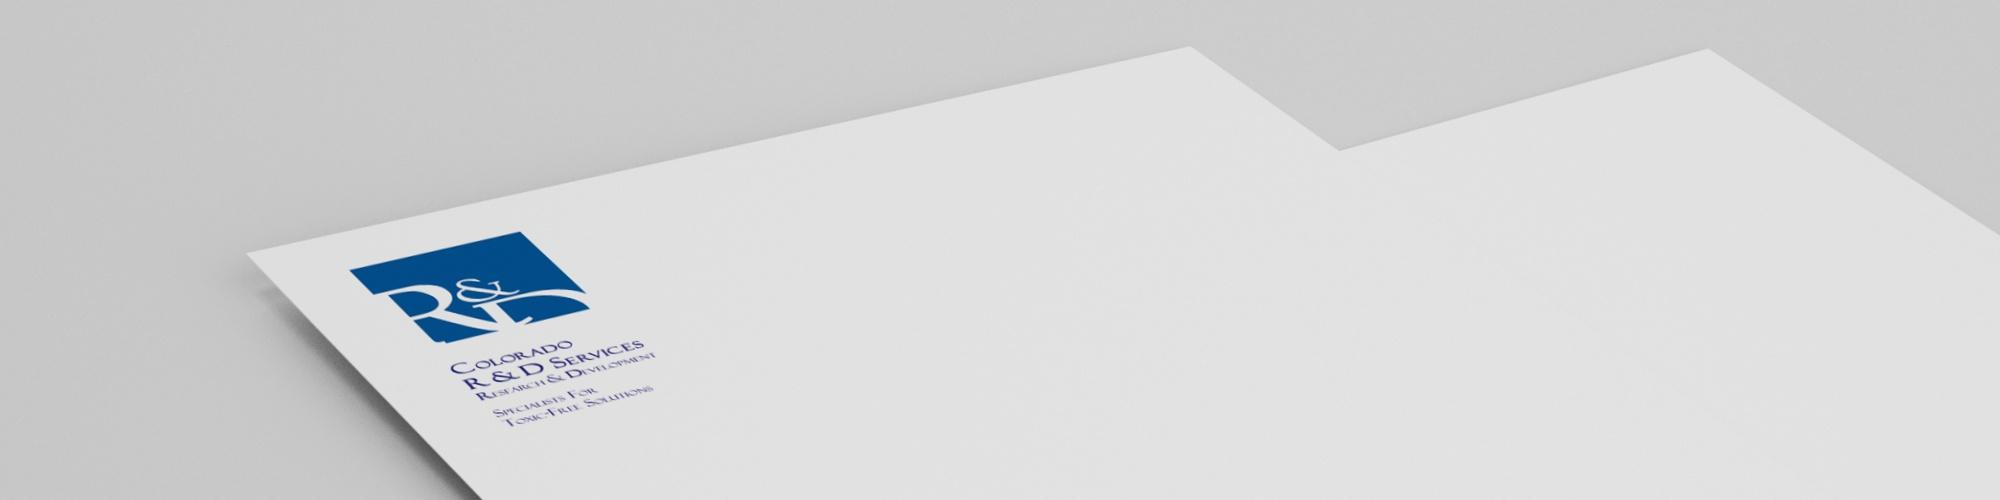 R&D Services - Corporate Design: Logo-Entwicklung, Briefbogen, Visitenkarte, Konzeption und Gestaltung der Geschäftsausstattung, Briefpapier, Layoutumsetzung, Reinzeichnung und Druckausgabe.